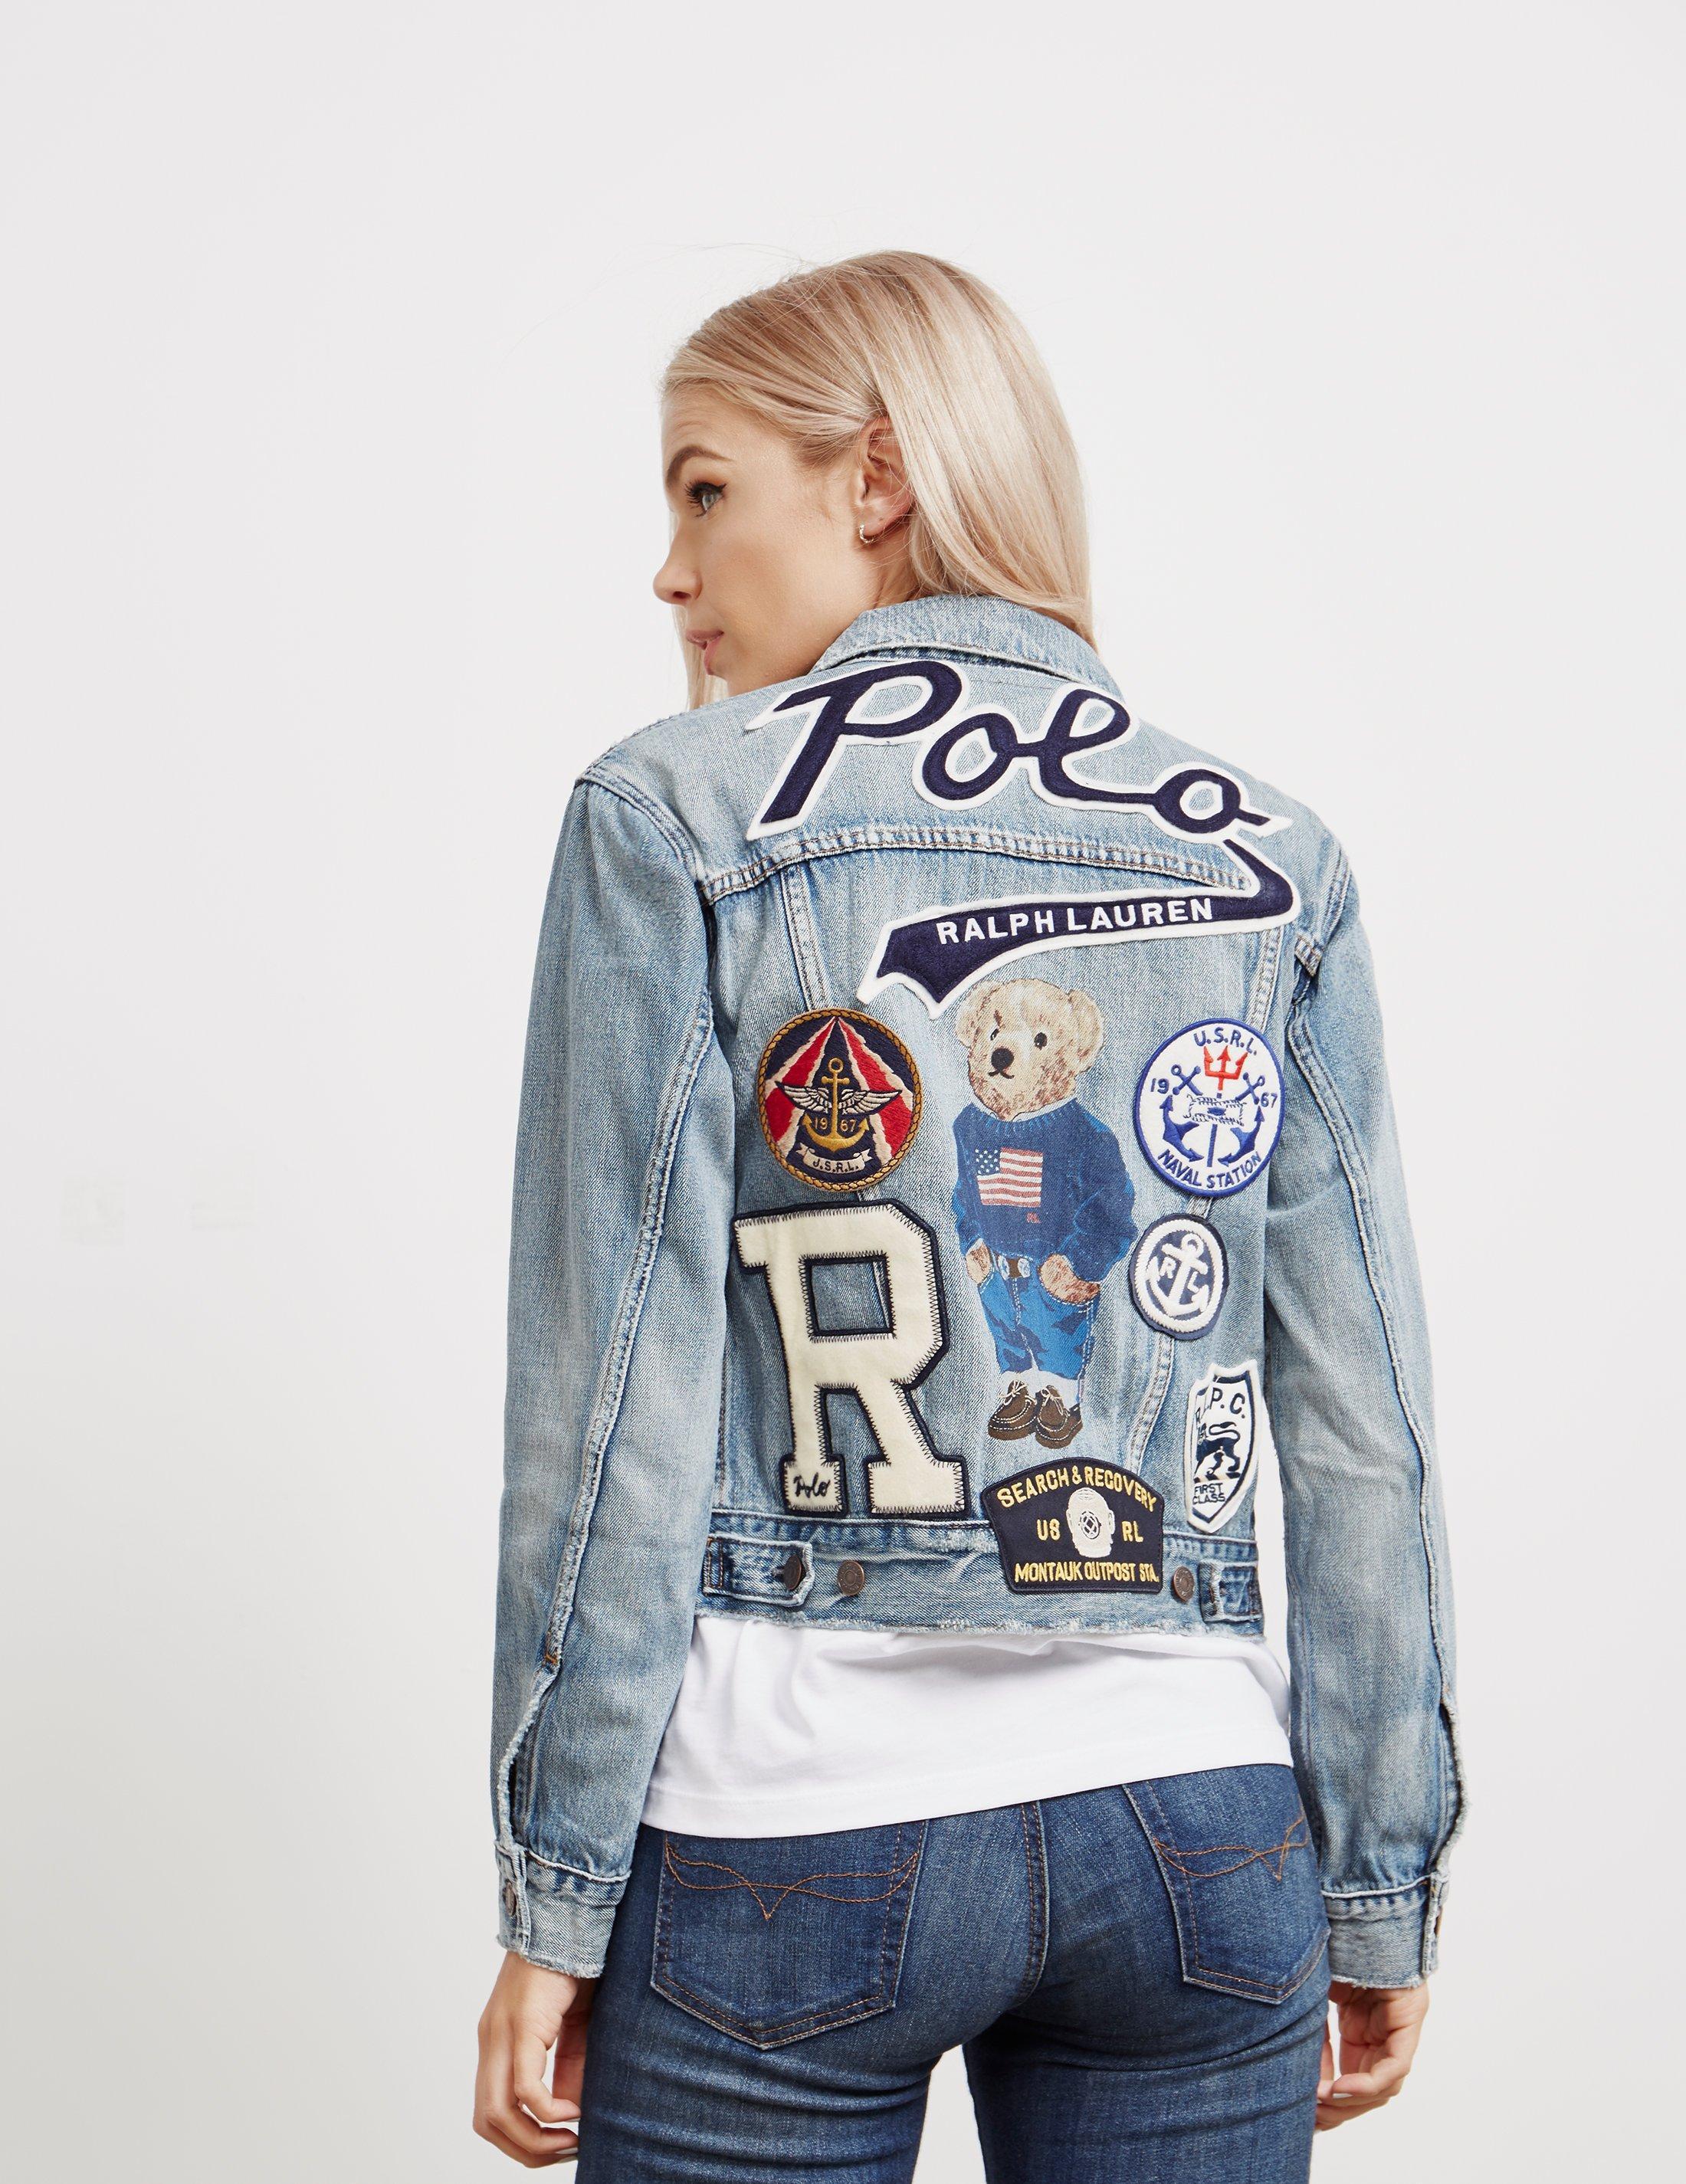 34d7726a2 Polo Ralph Lauren Womens Bear Trucker Denim Jacket - Online ...